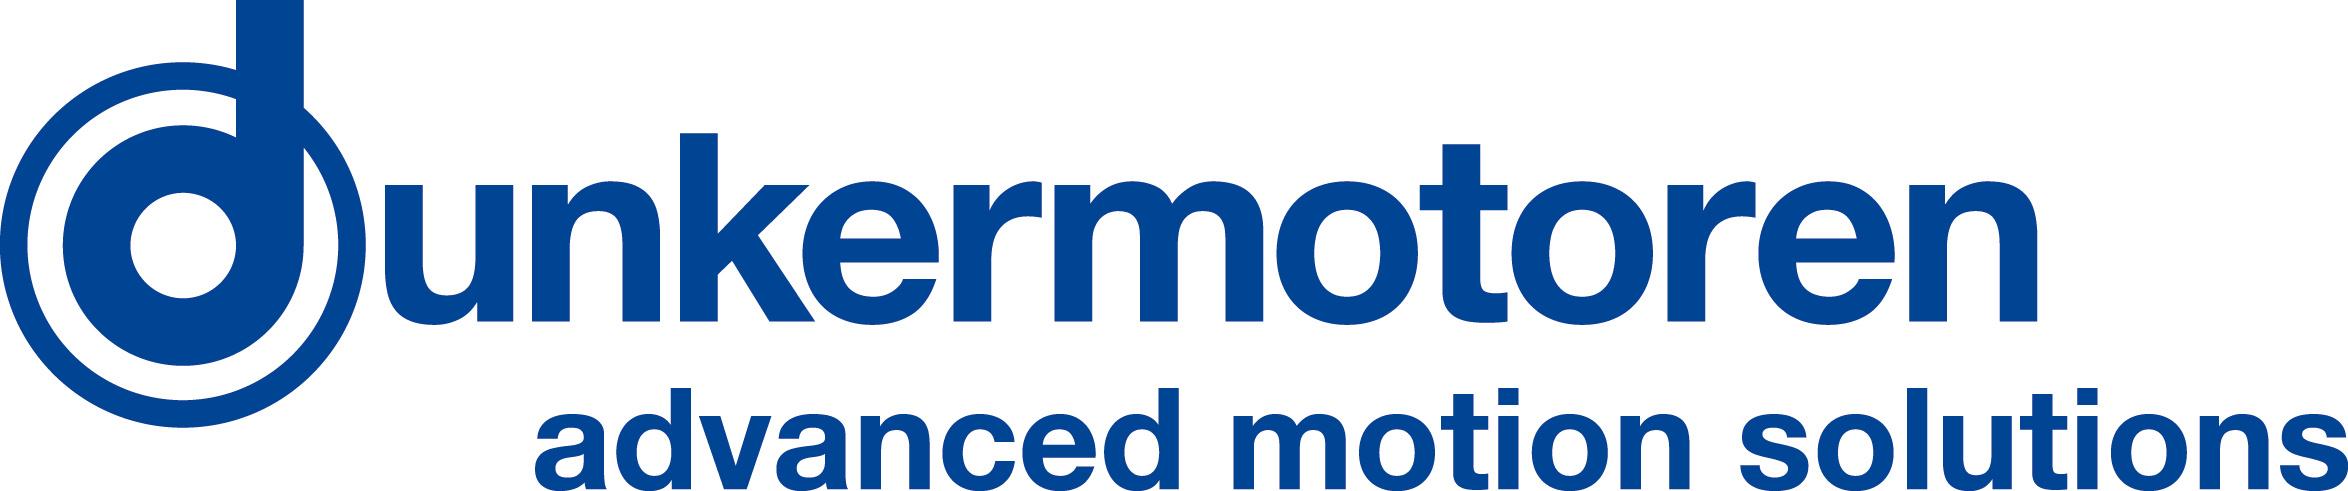 Dunkermotoren_logo